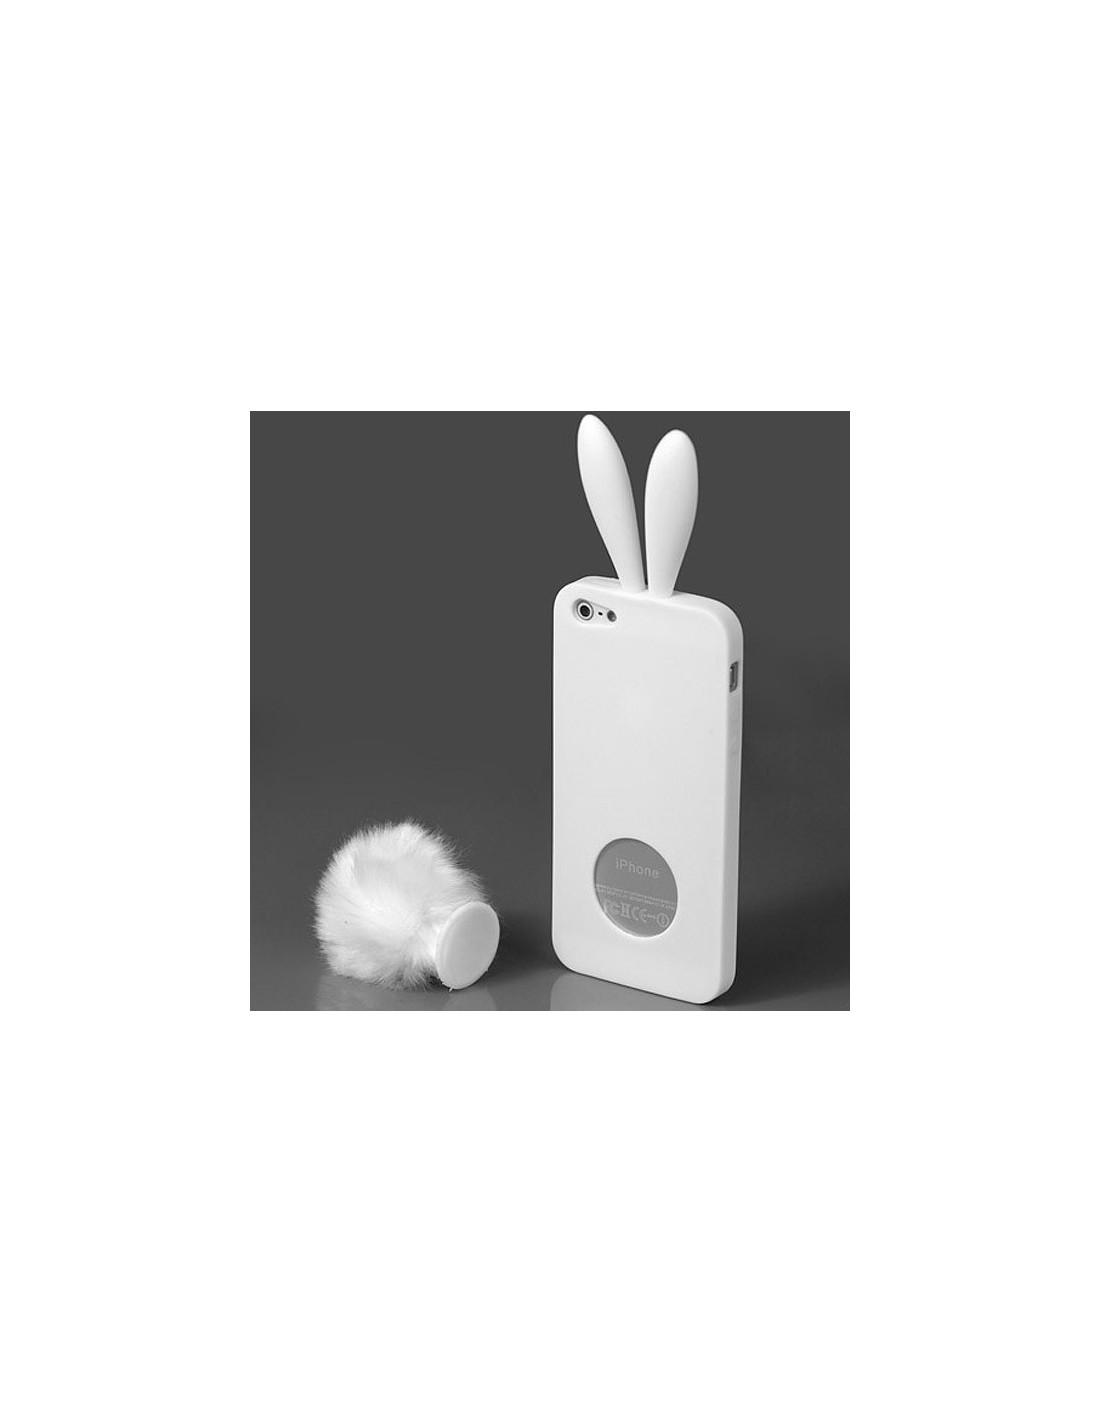 Coque Lapin pour iPhone 55S et SE  CoquesiPhonecom